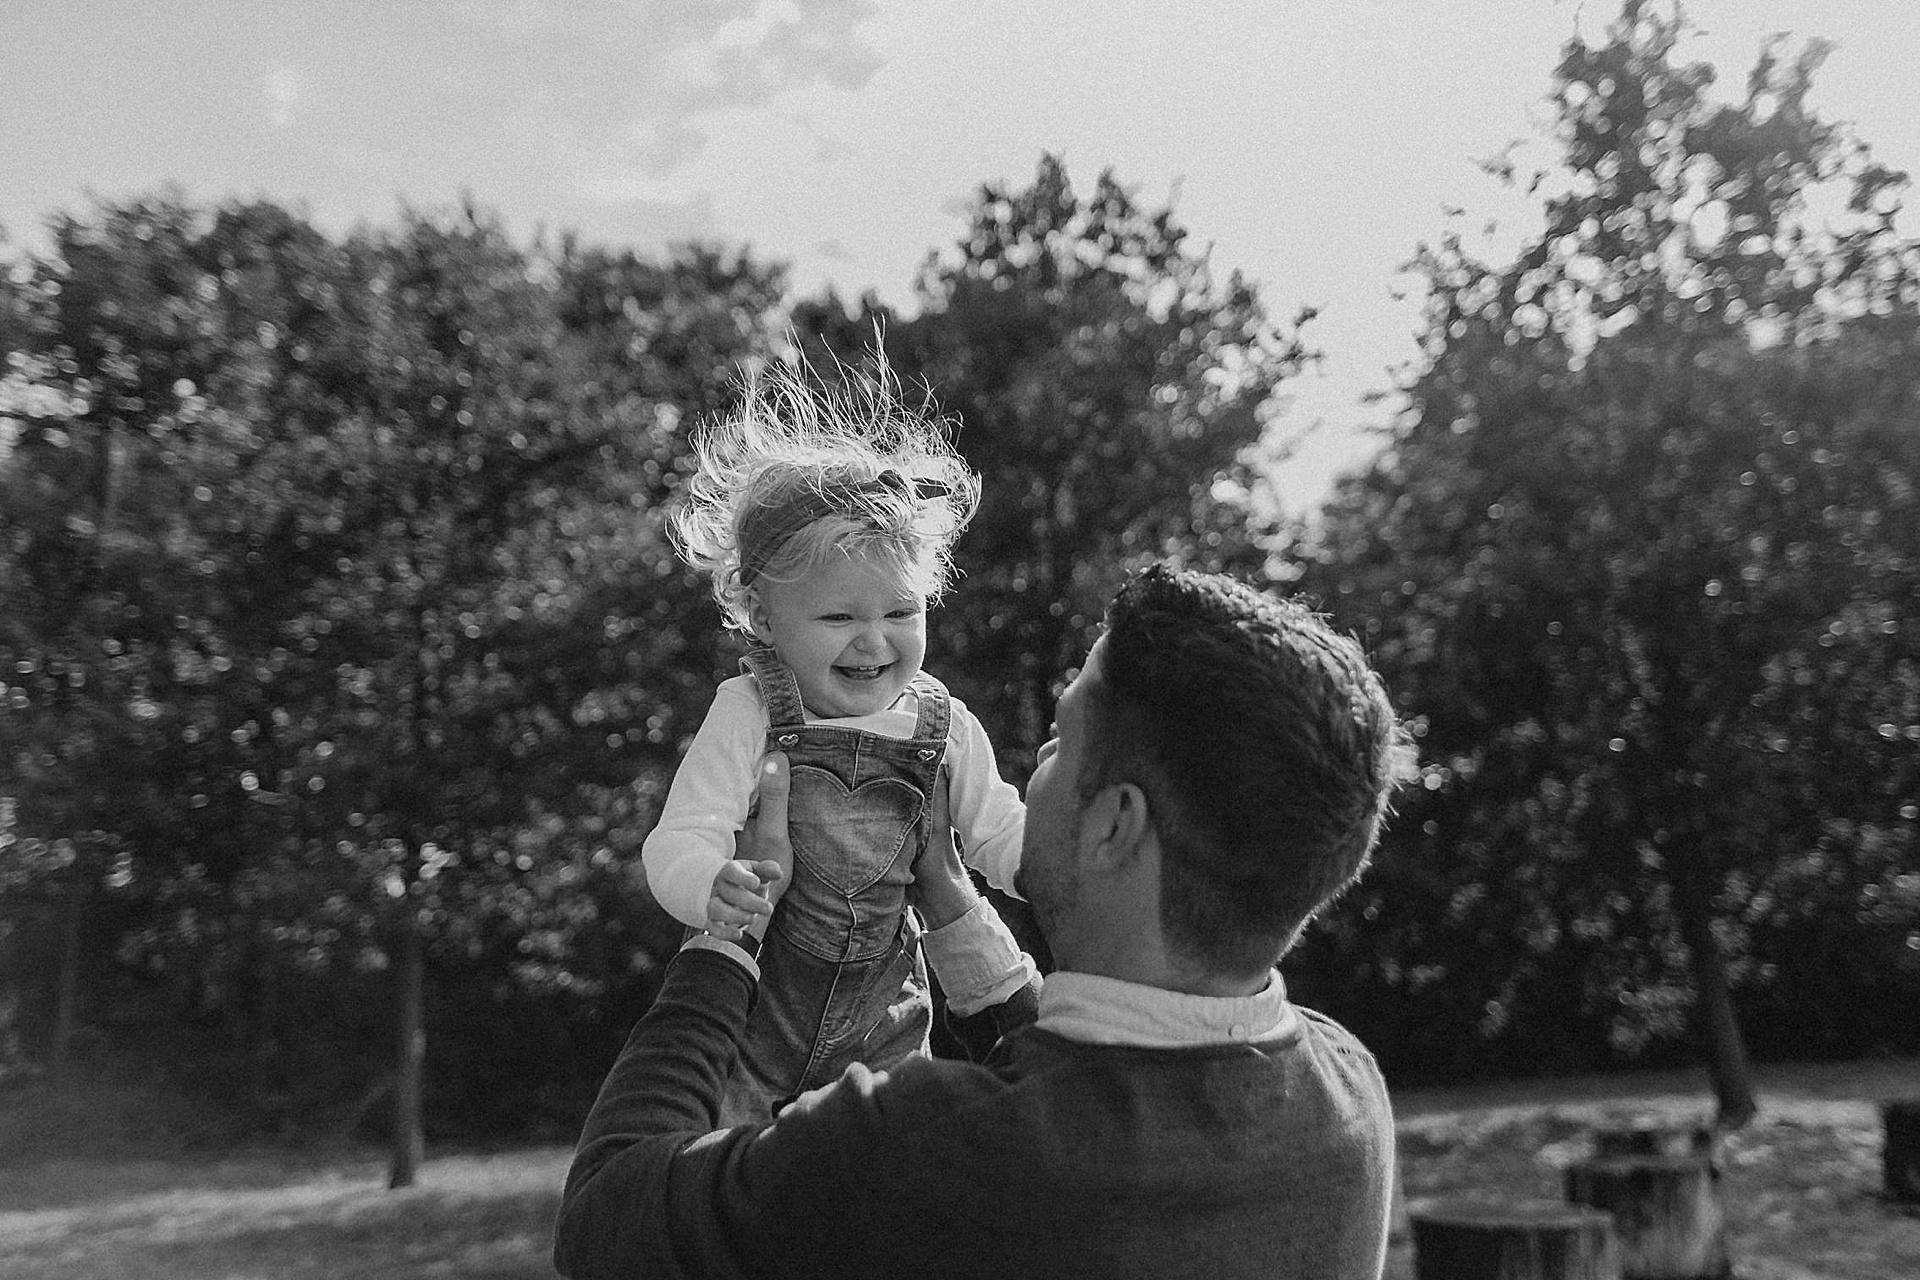 familienfotograf-familien-reportage-bremen-danielzube-familienfotografie_0003.jpg